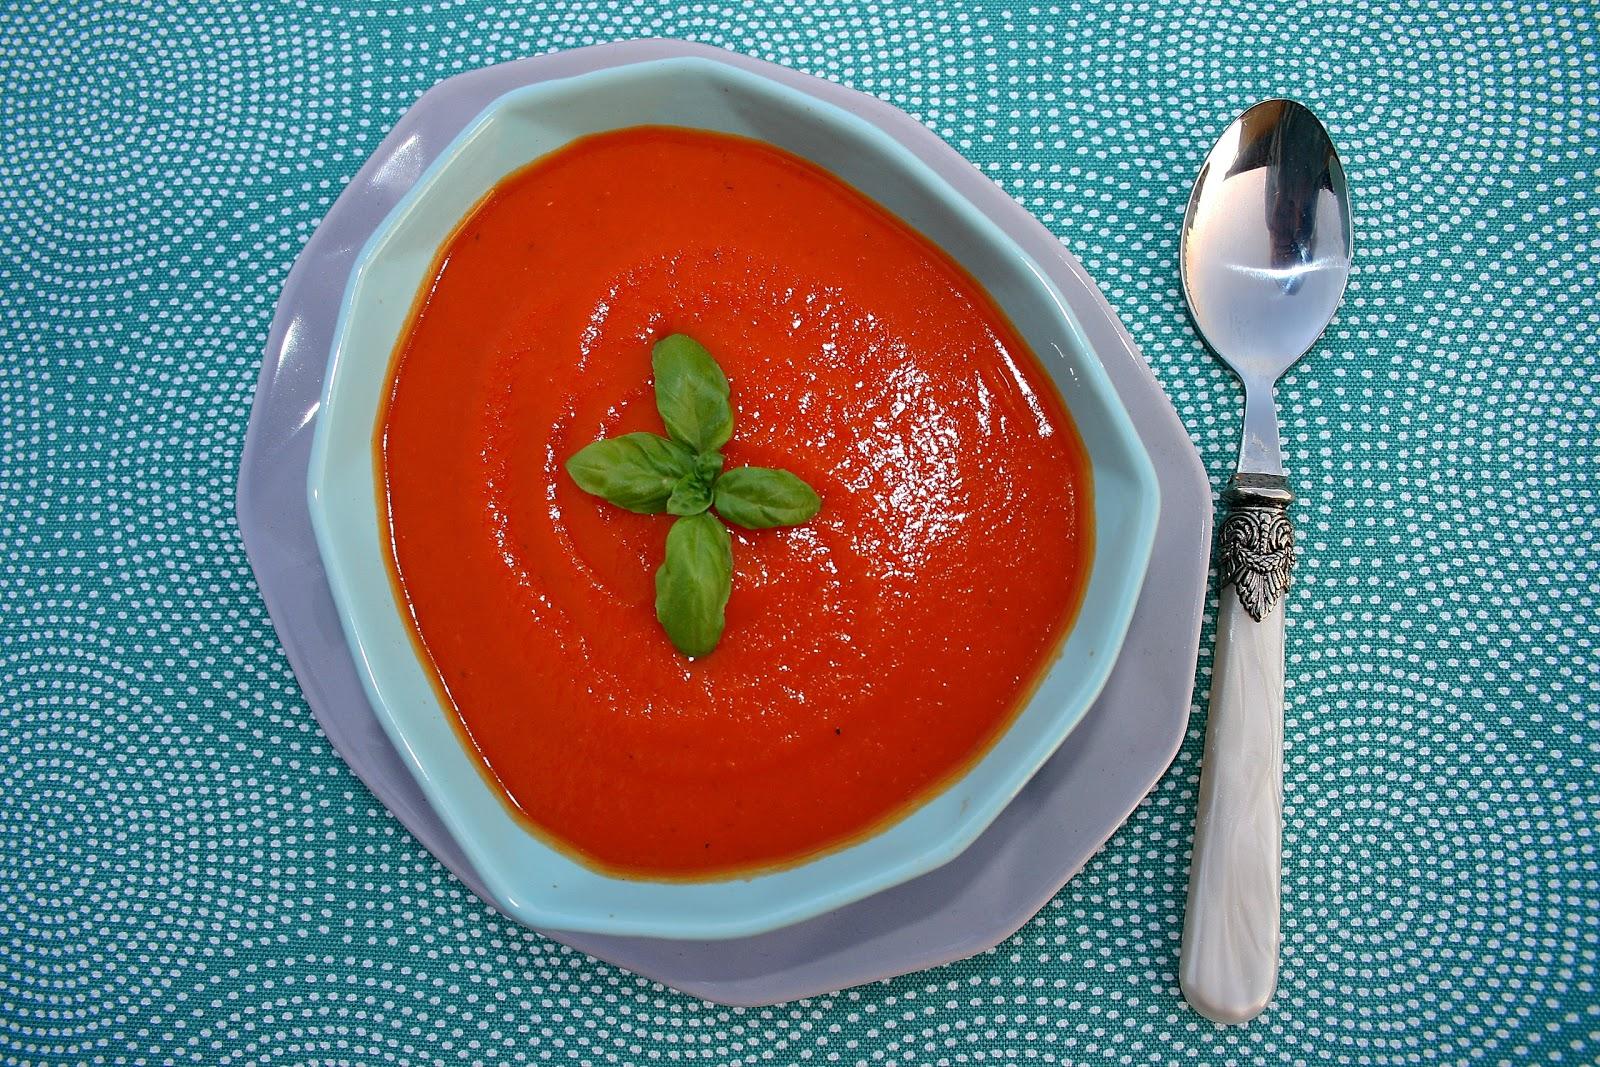 Zupa krem z pomidorków koktajlowych i batata, na ostro o nucie wędzonej papryki